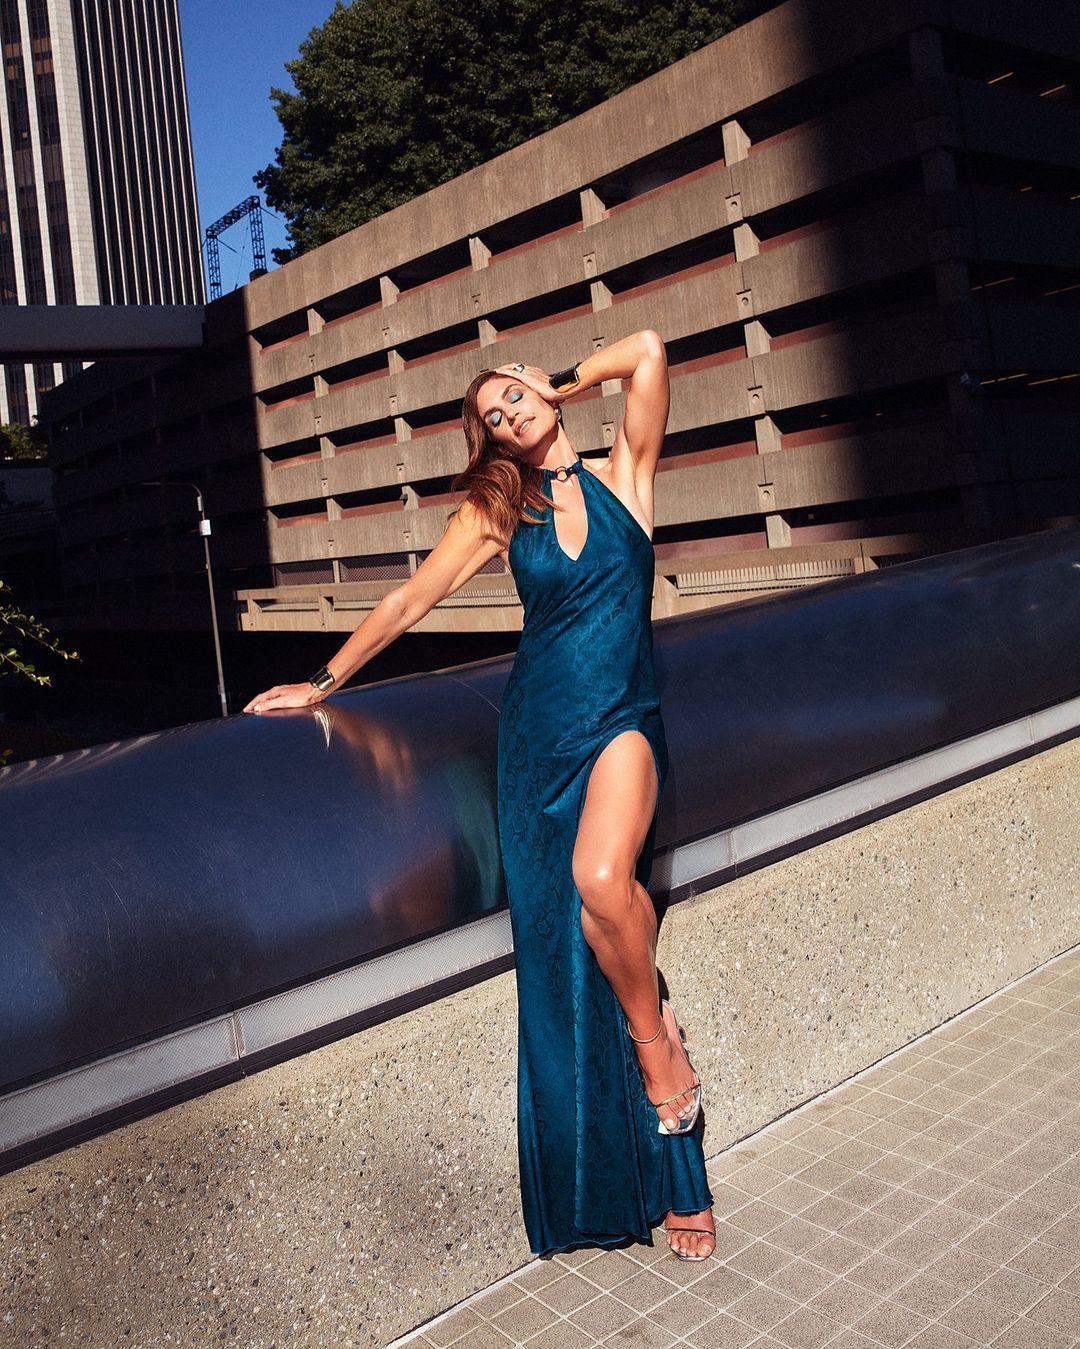 Королева краси: 55-річна Сінді Кроуфорд у спокусливій сукні захопила фігурою